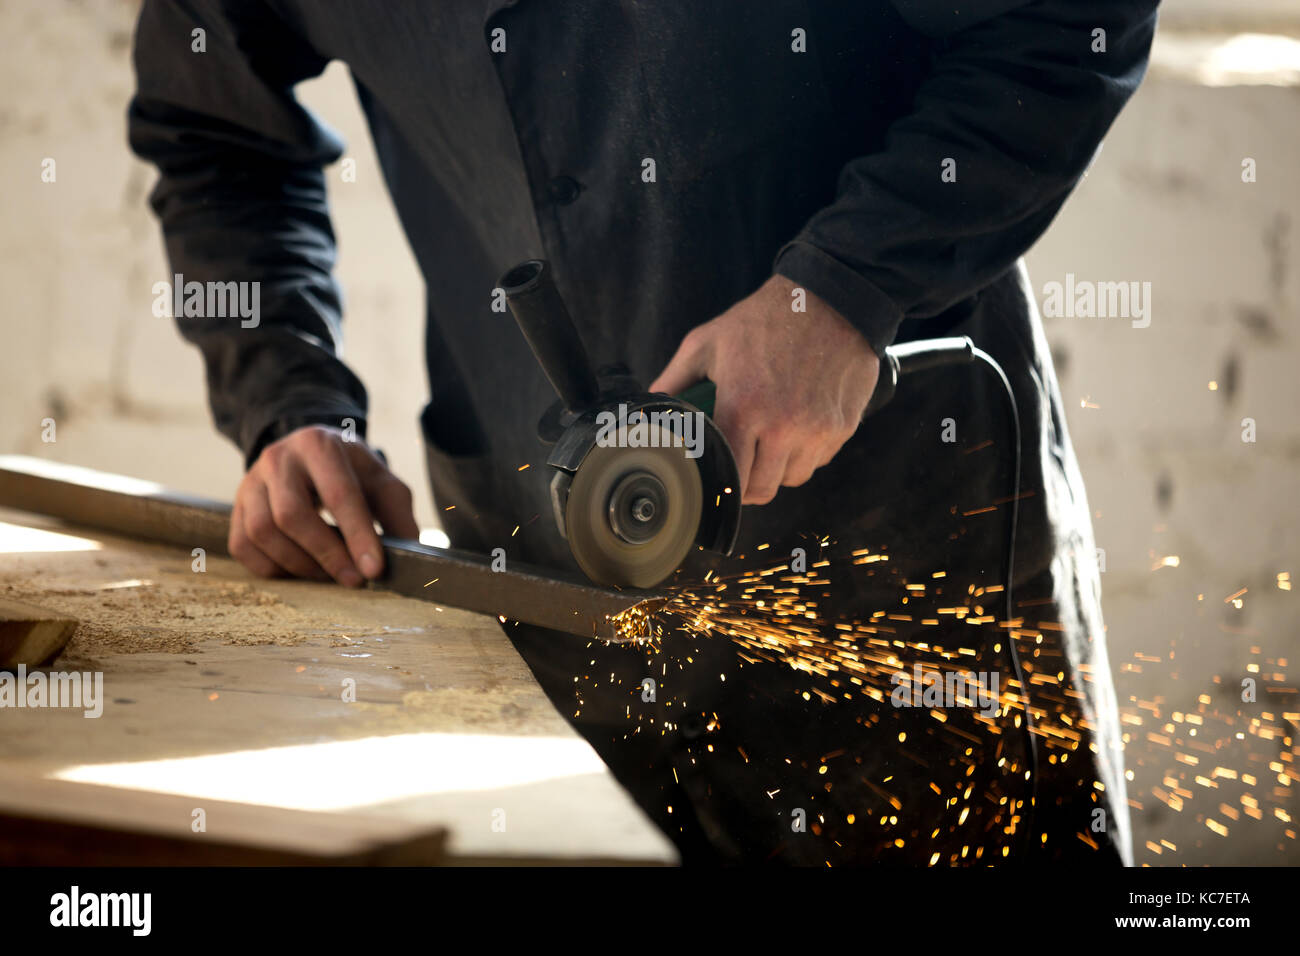 Artigiano lavora con utensile elettrico in officina Immagini Stock